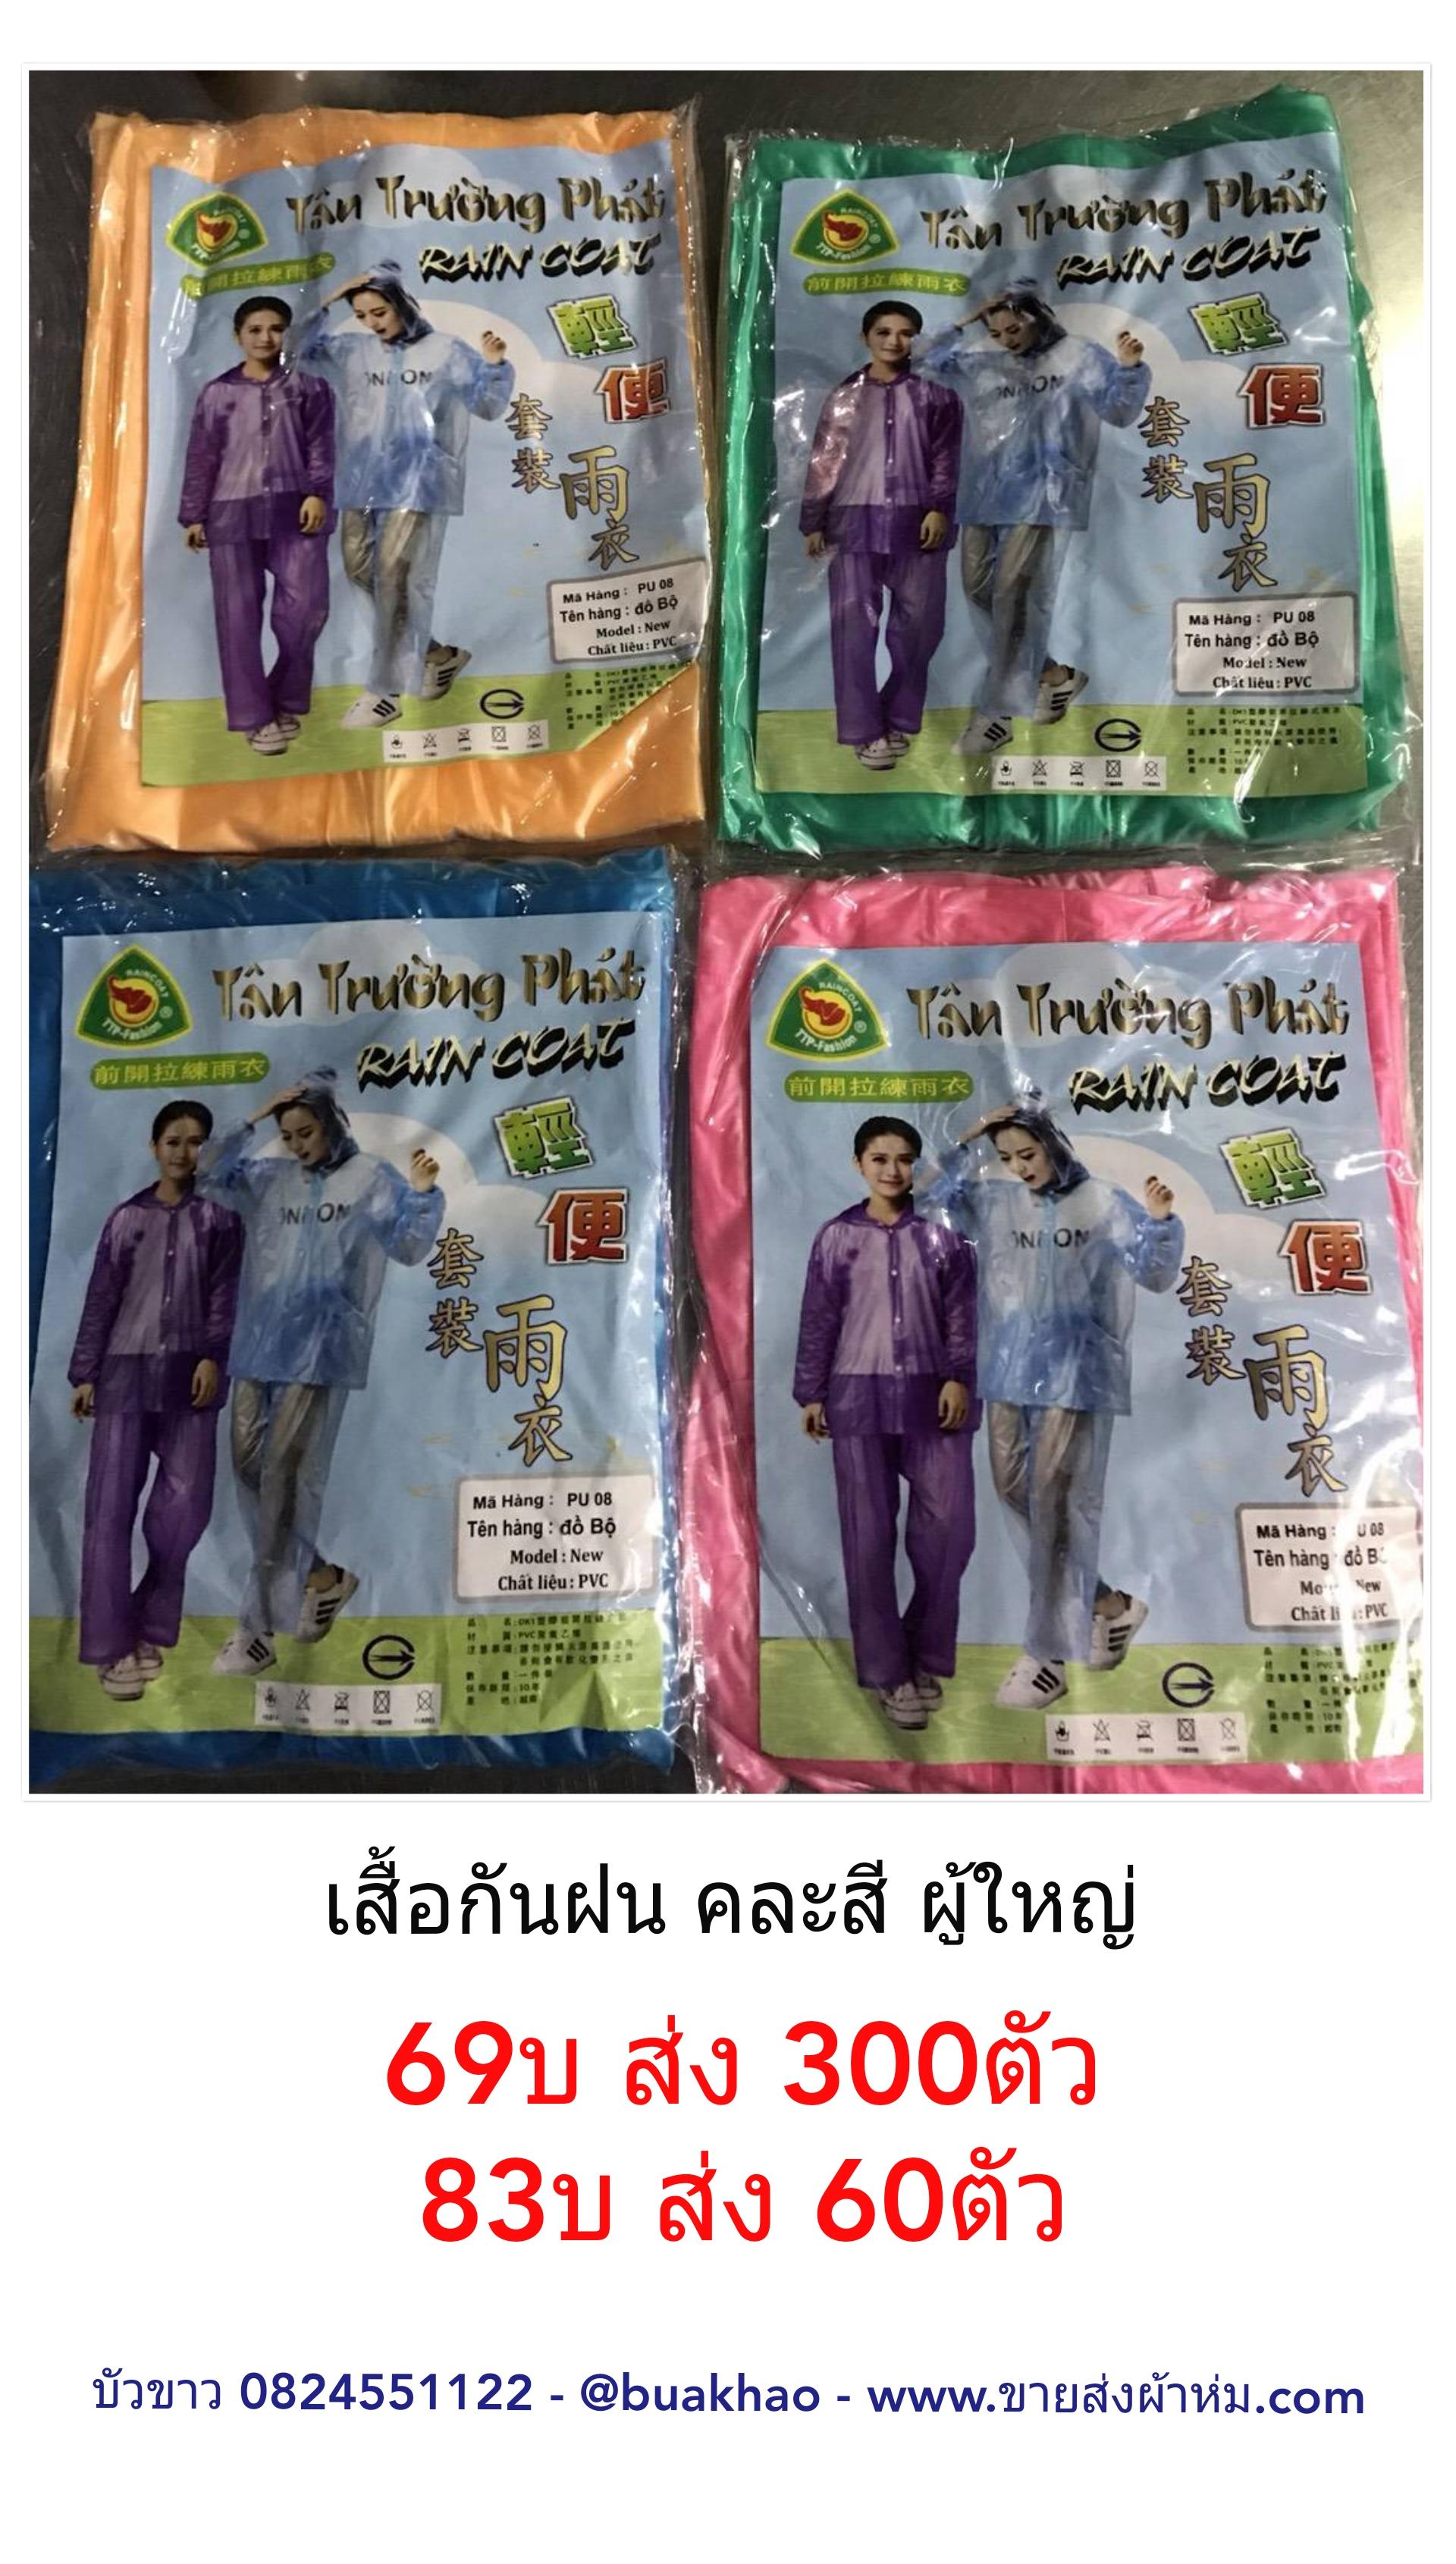 เสื้อ+กางเกง กันฝน ชุดละ 69 บาท ส่ง 300 ตัว